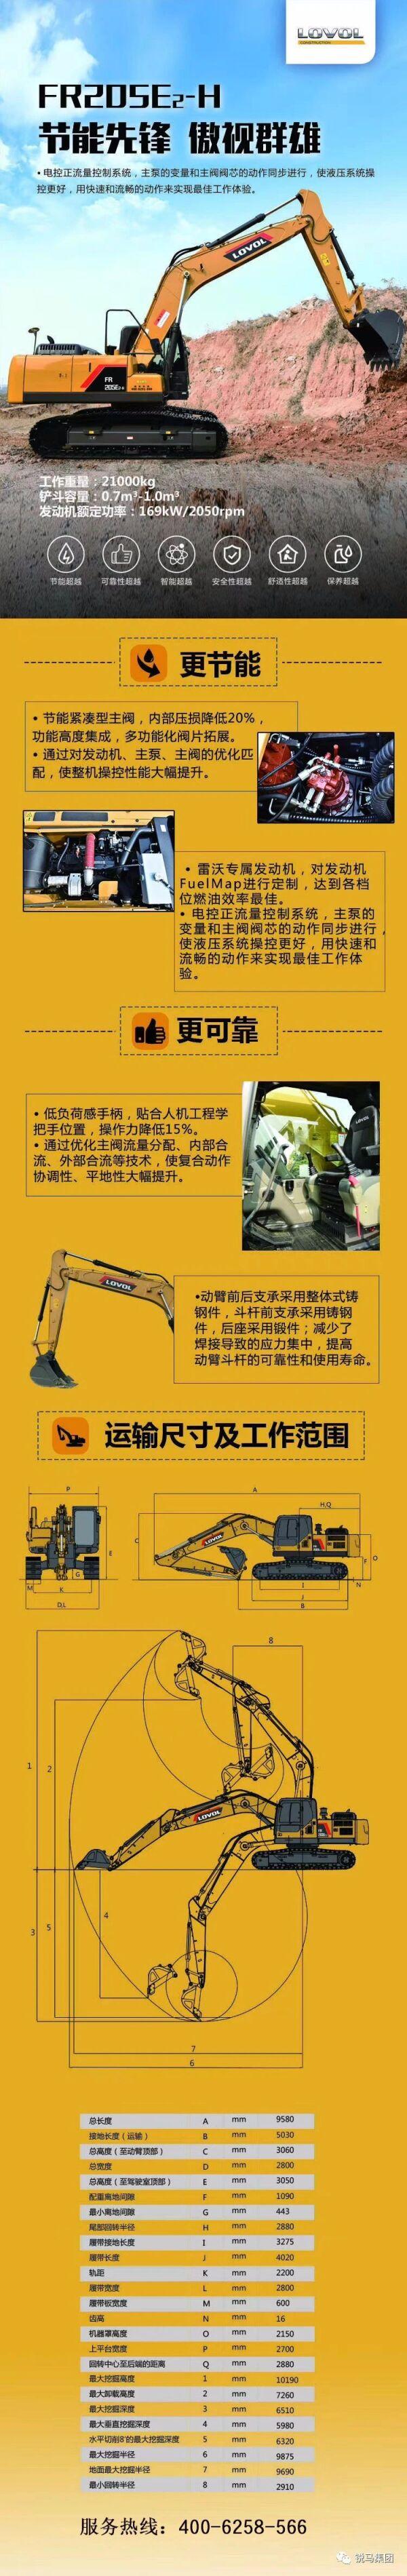 雷沃FR205E2-H挖掘机